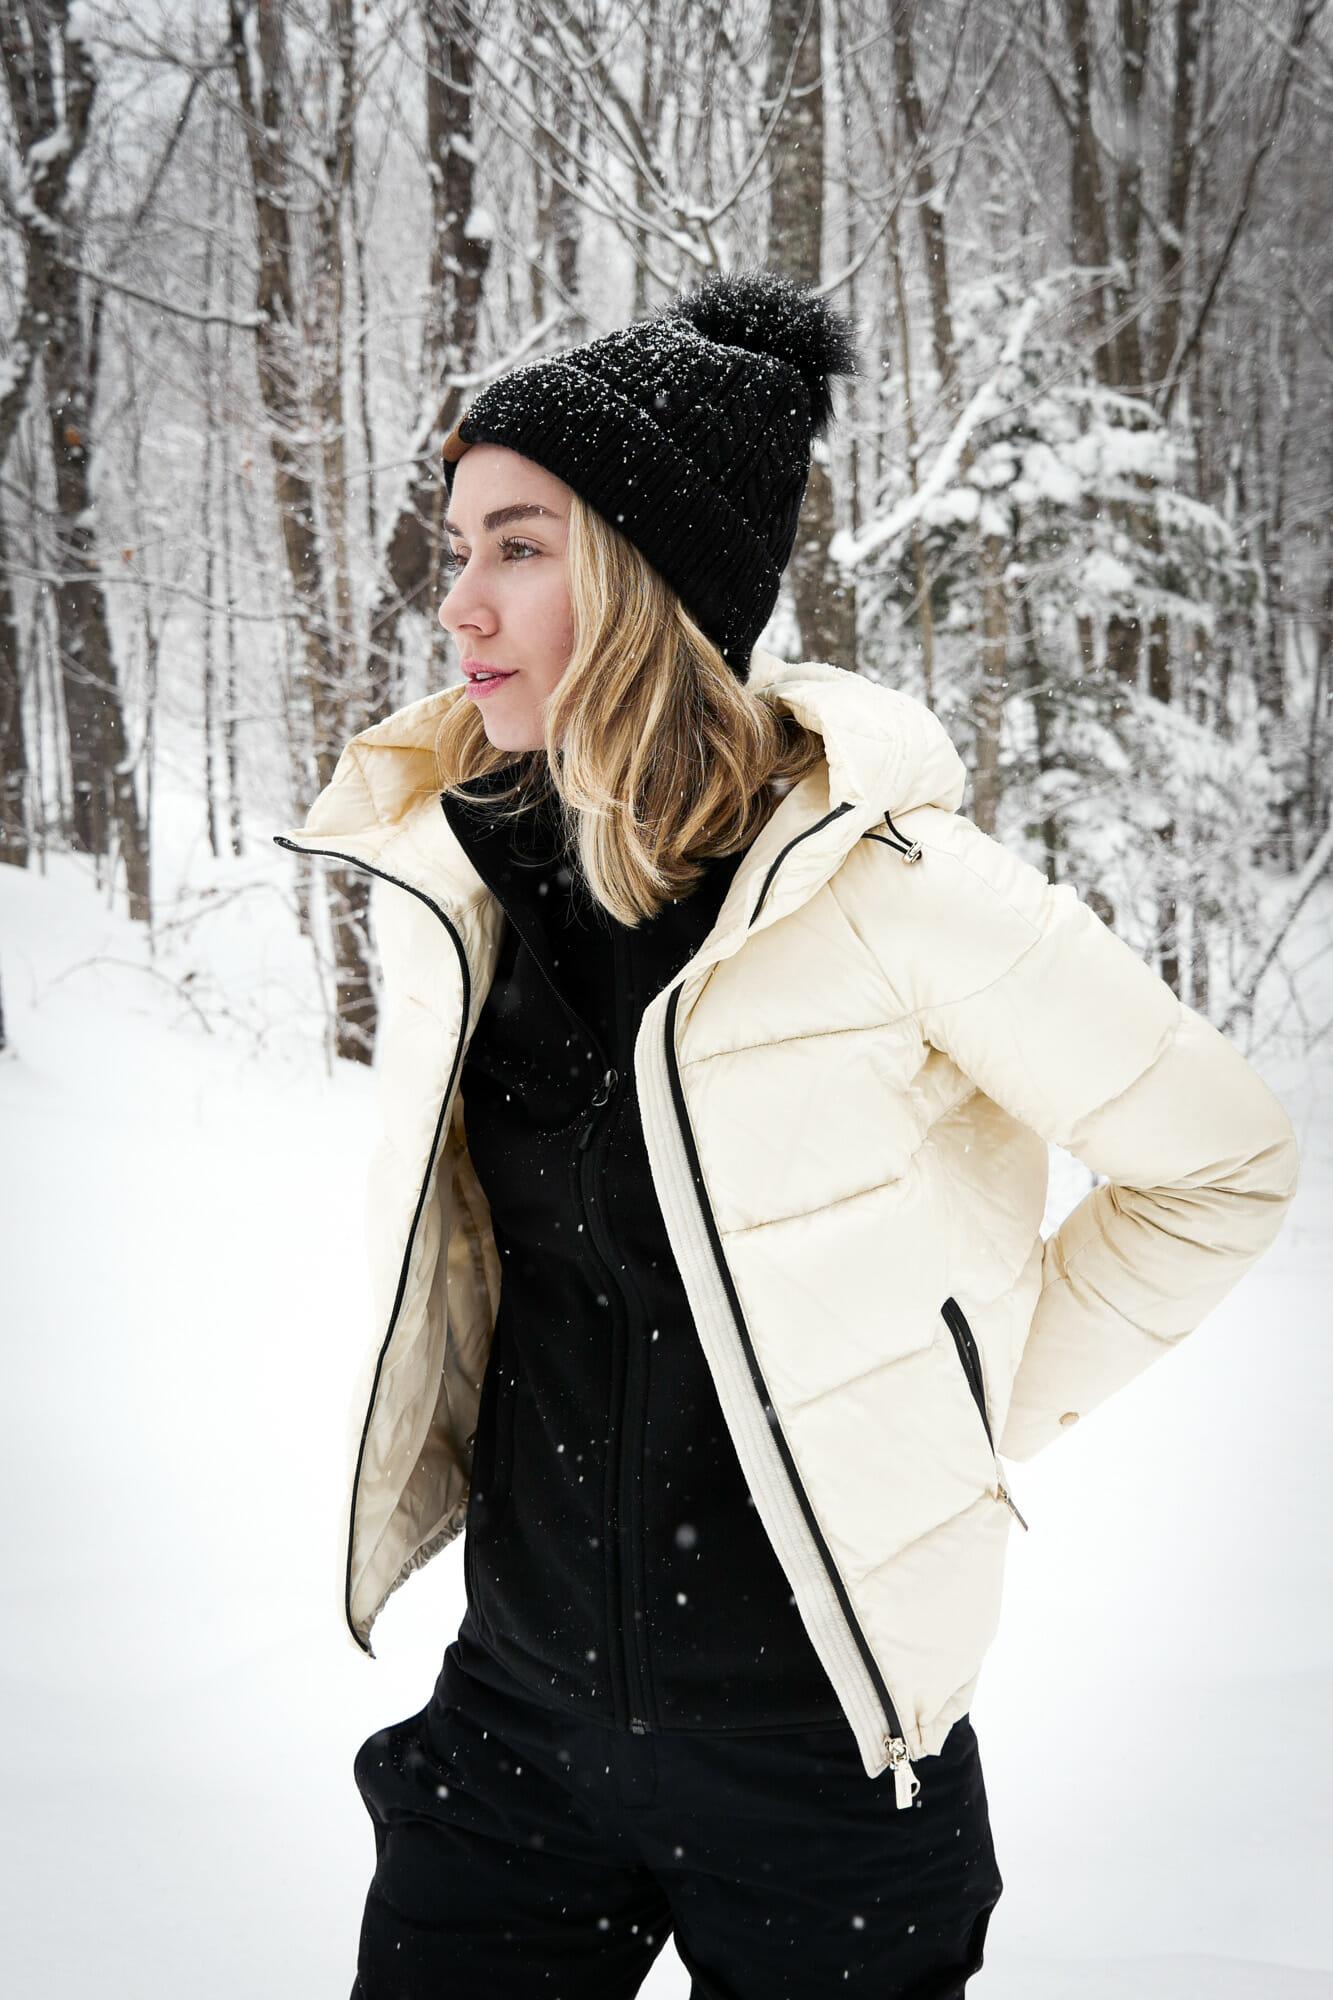 Ski trip outfit idea